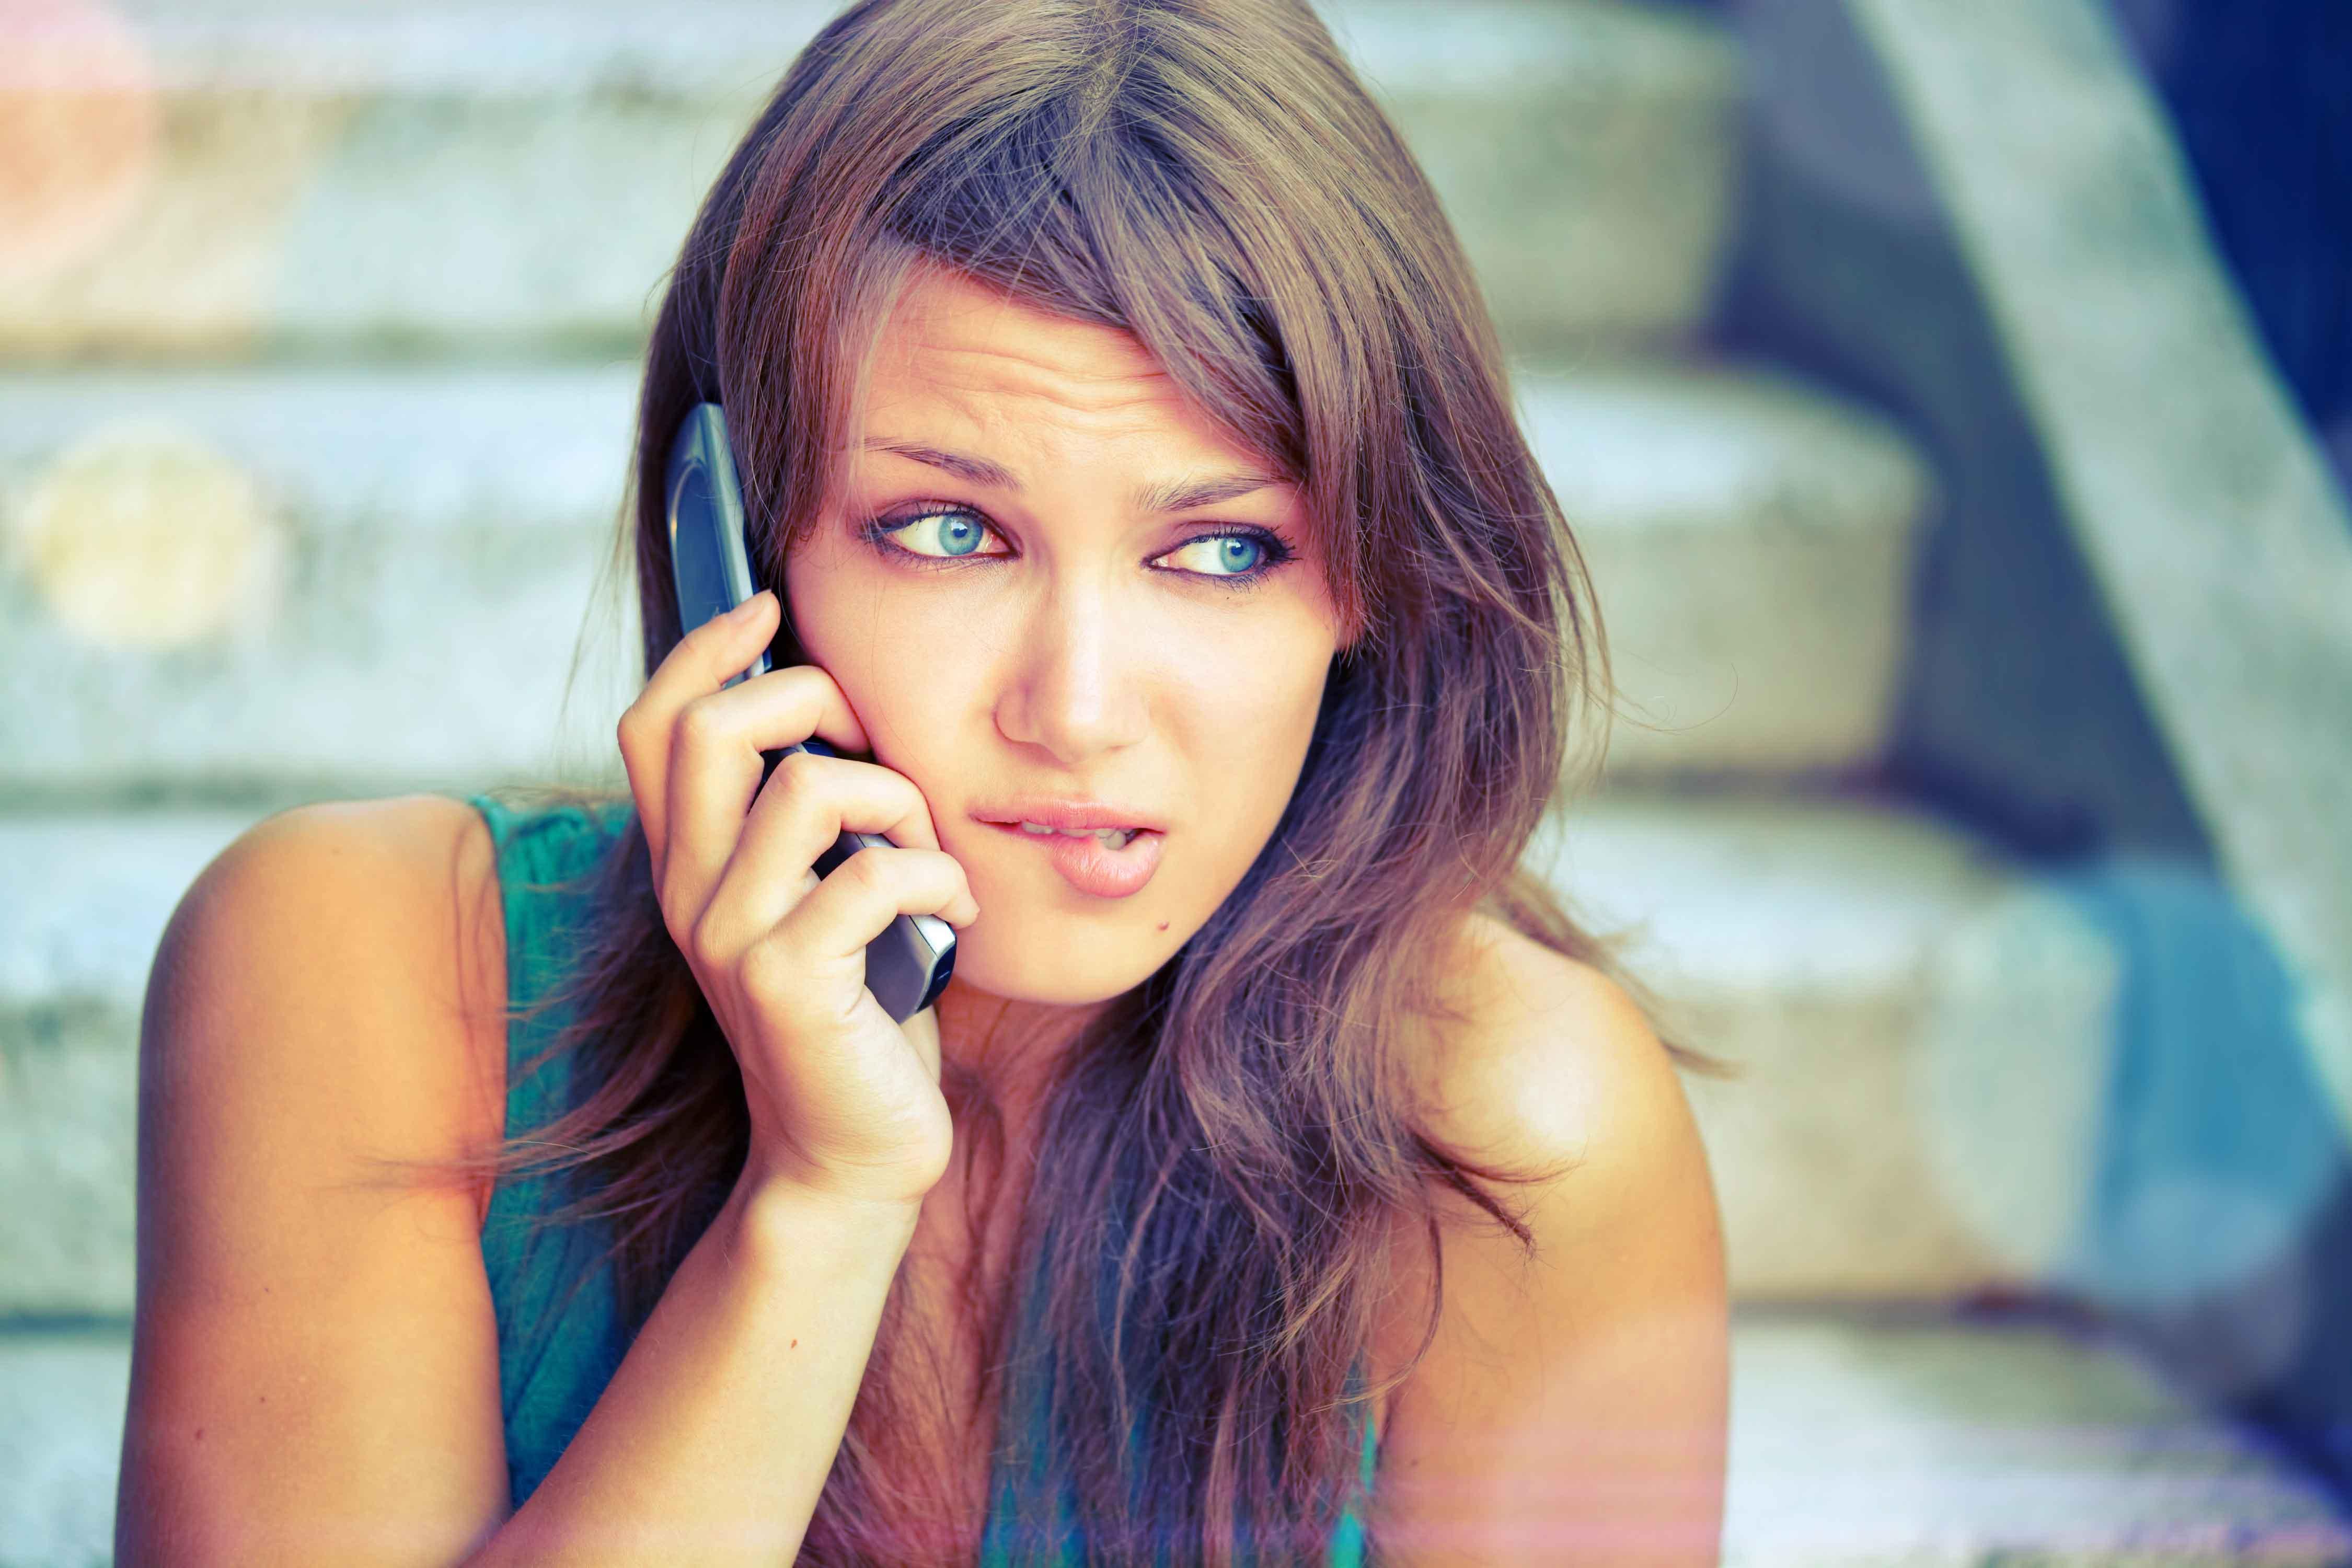 Шалавки бесплатно телефон 23 фотография